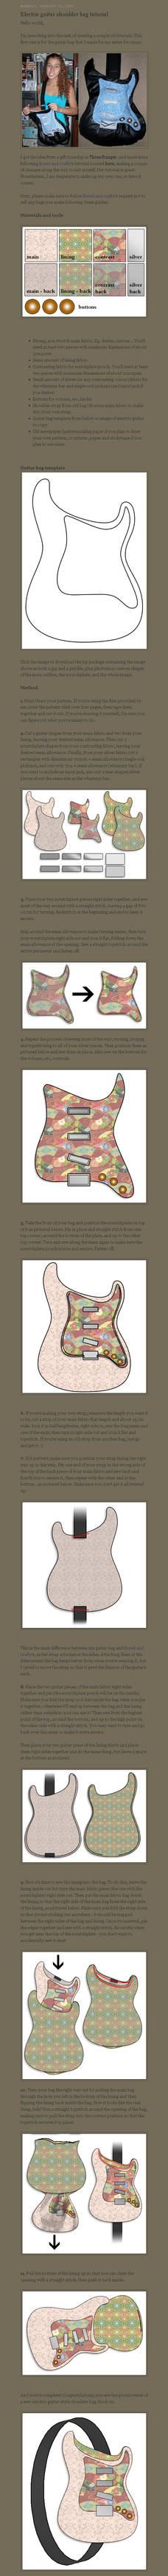 Electric guitar bag tutorial